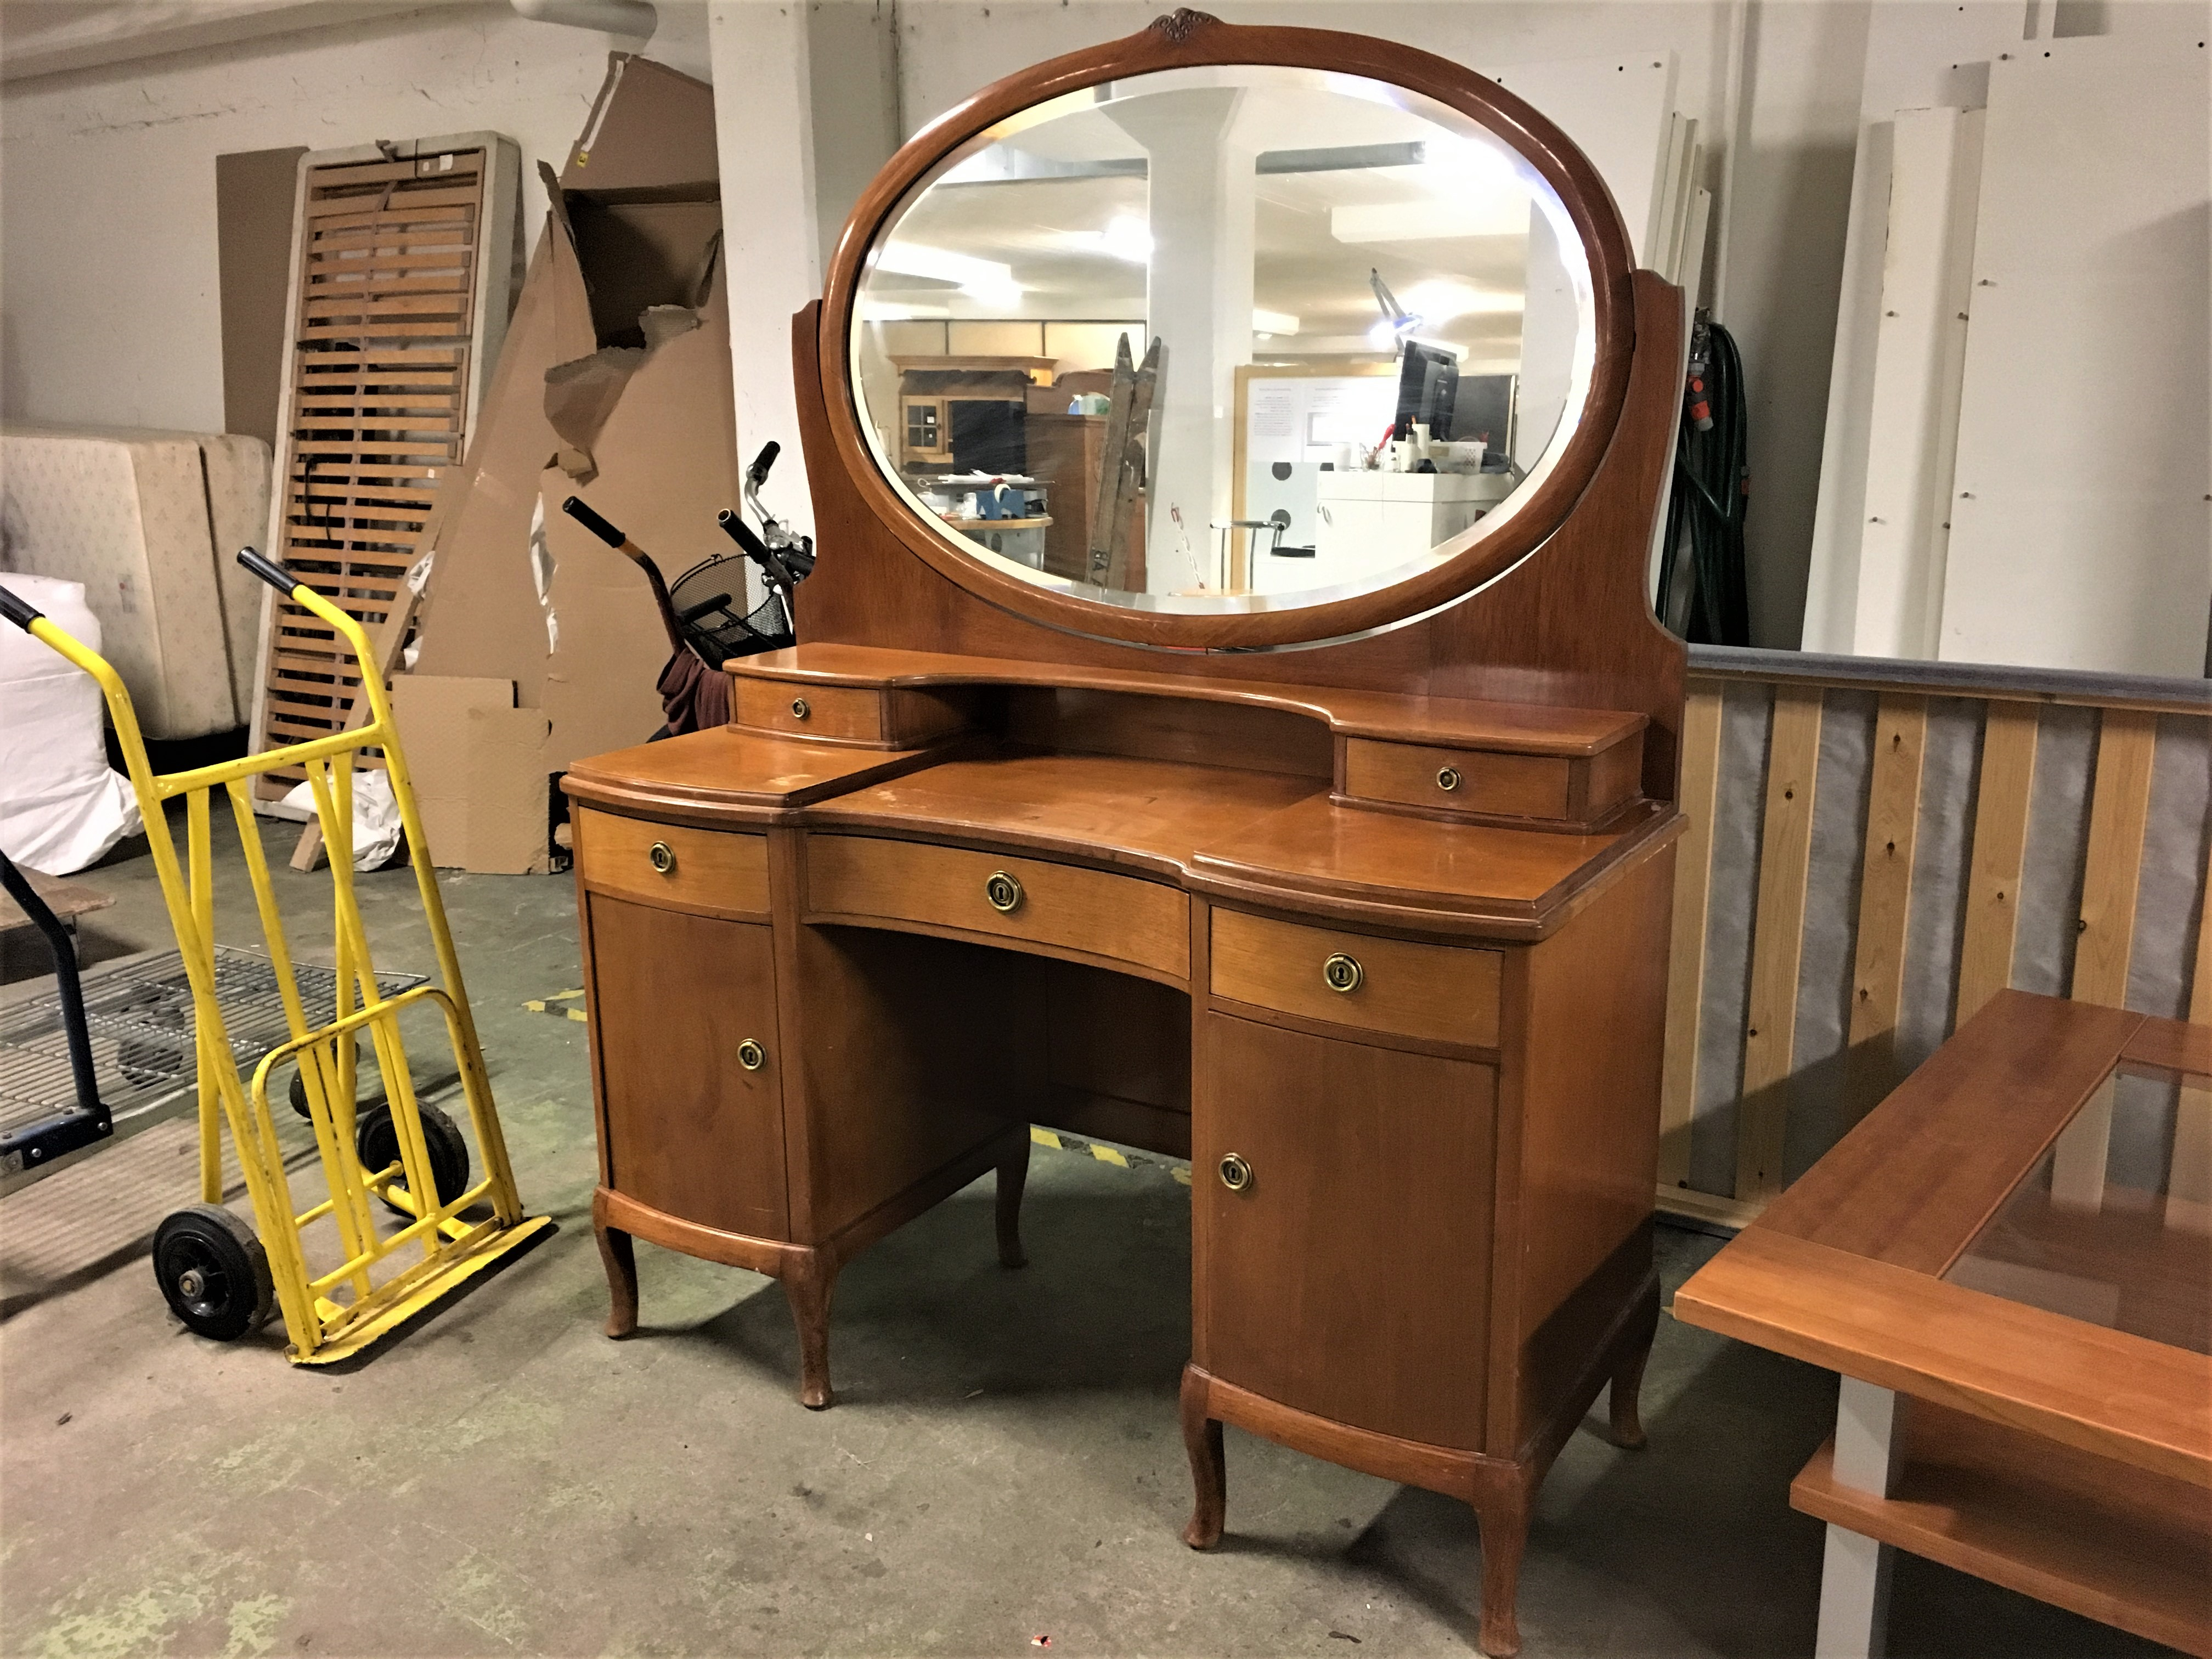 Begagnade möbler - Två Kronor